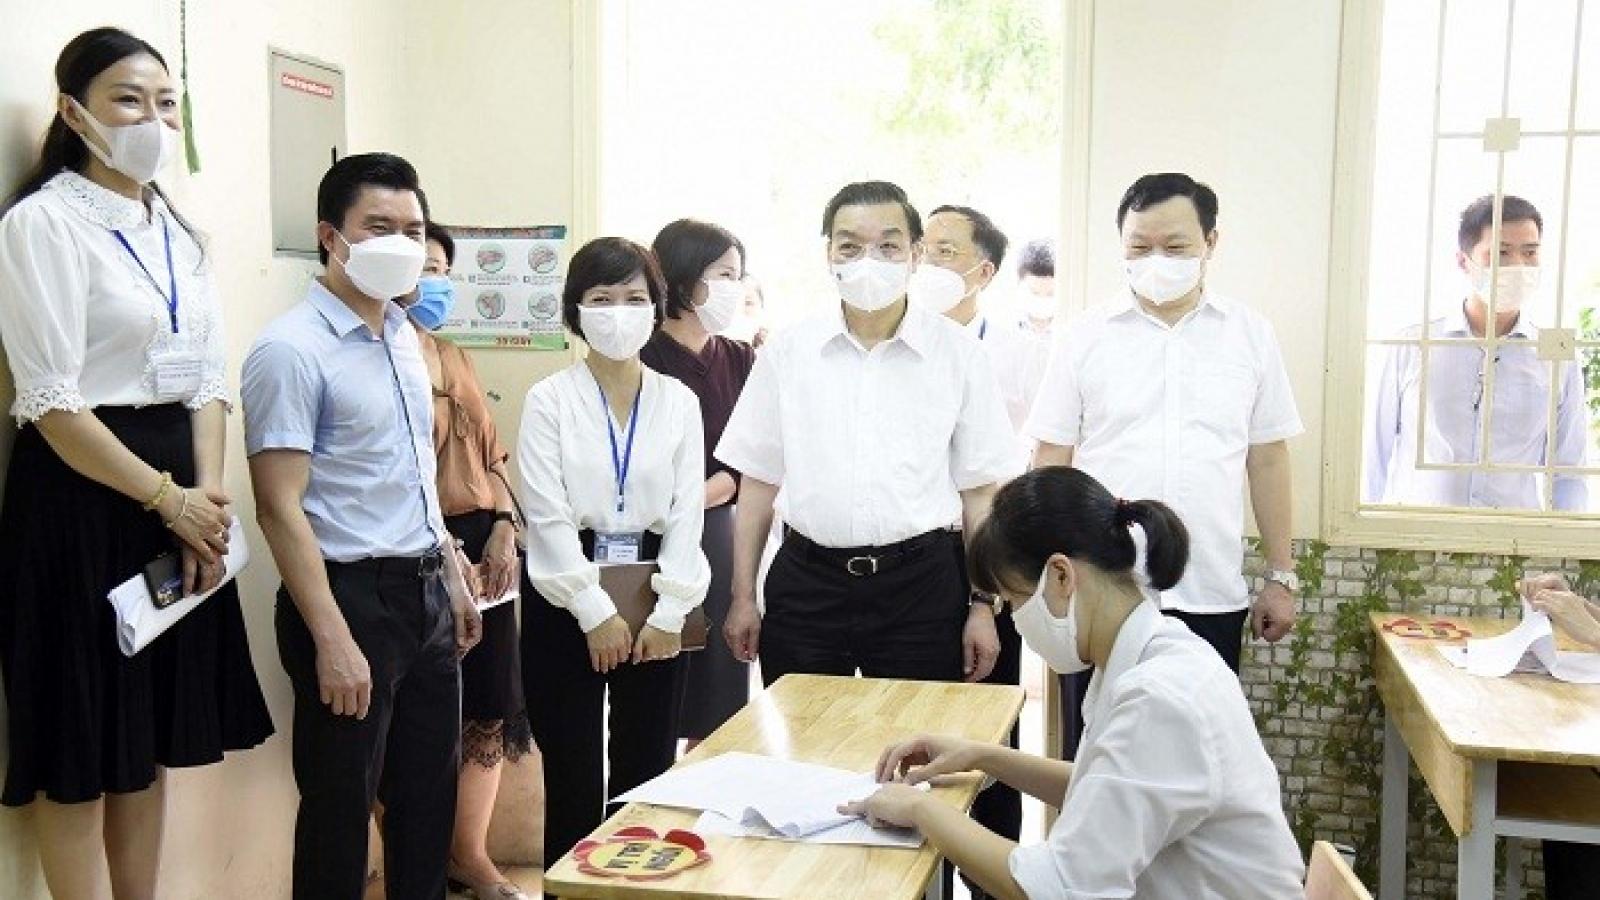 Thi tốt nghiệp THPT 2021 tại Hà Nội: Mục tiêu an toàn và nghiêm túc được đặt lên trên hết